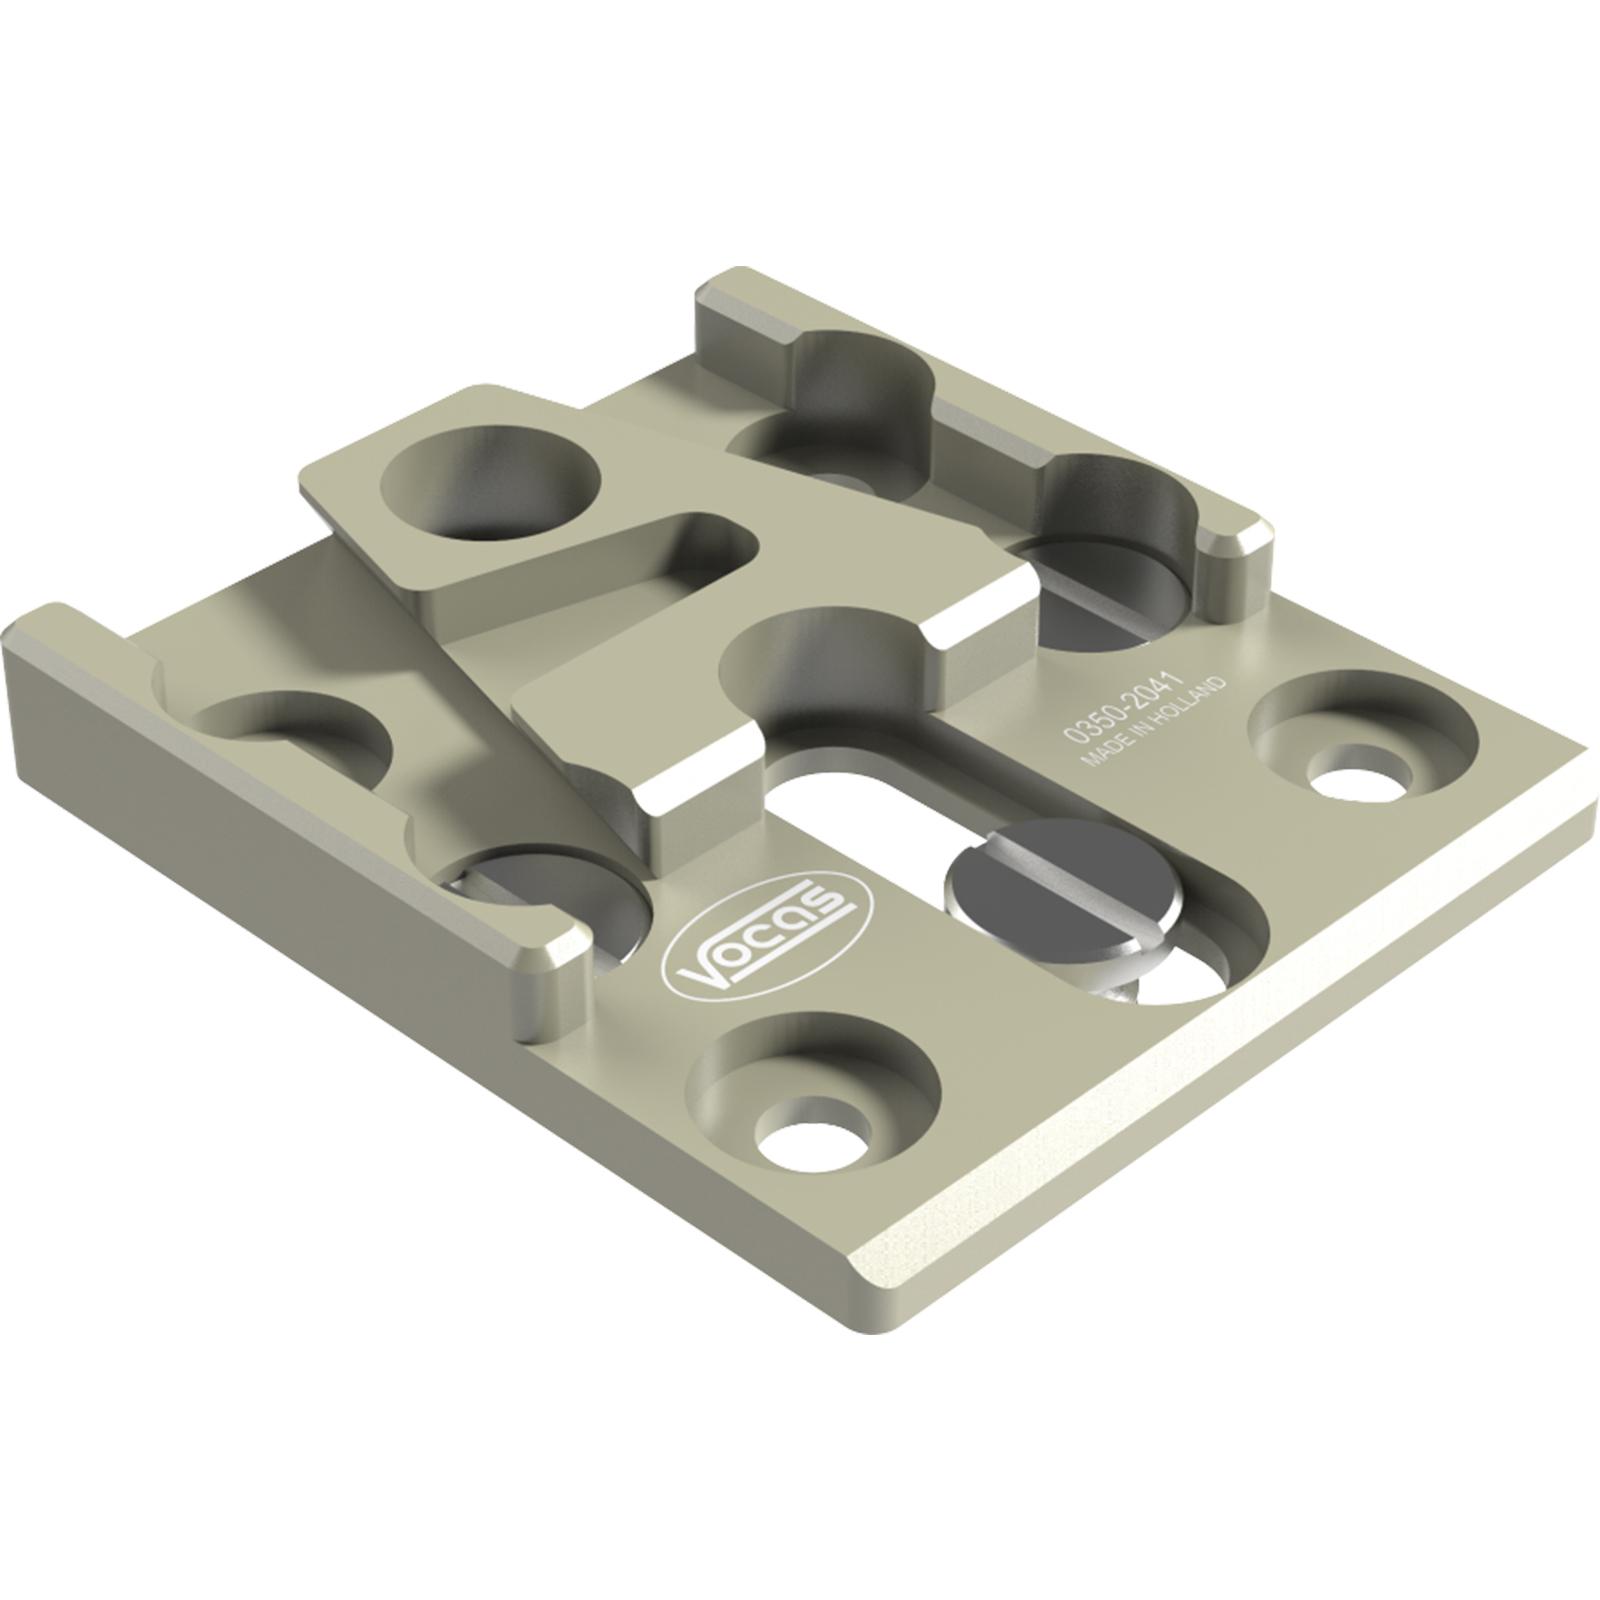 0350-2041: Vロックアダプタープレート